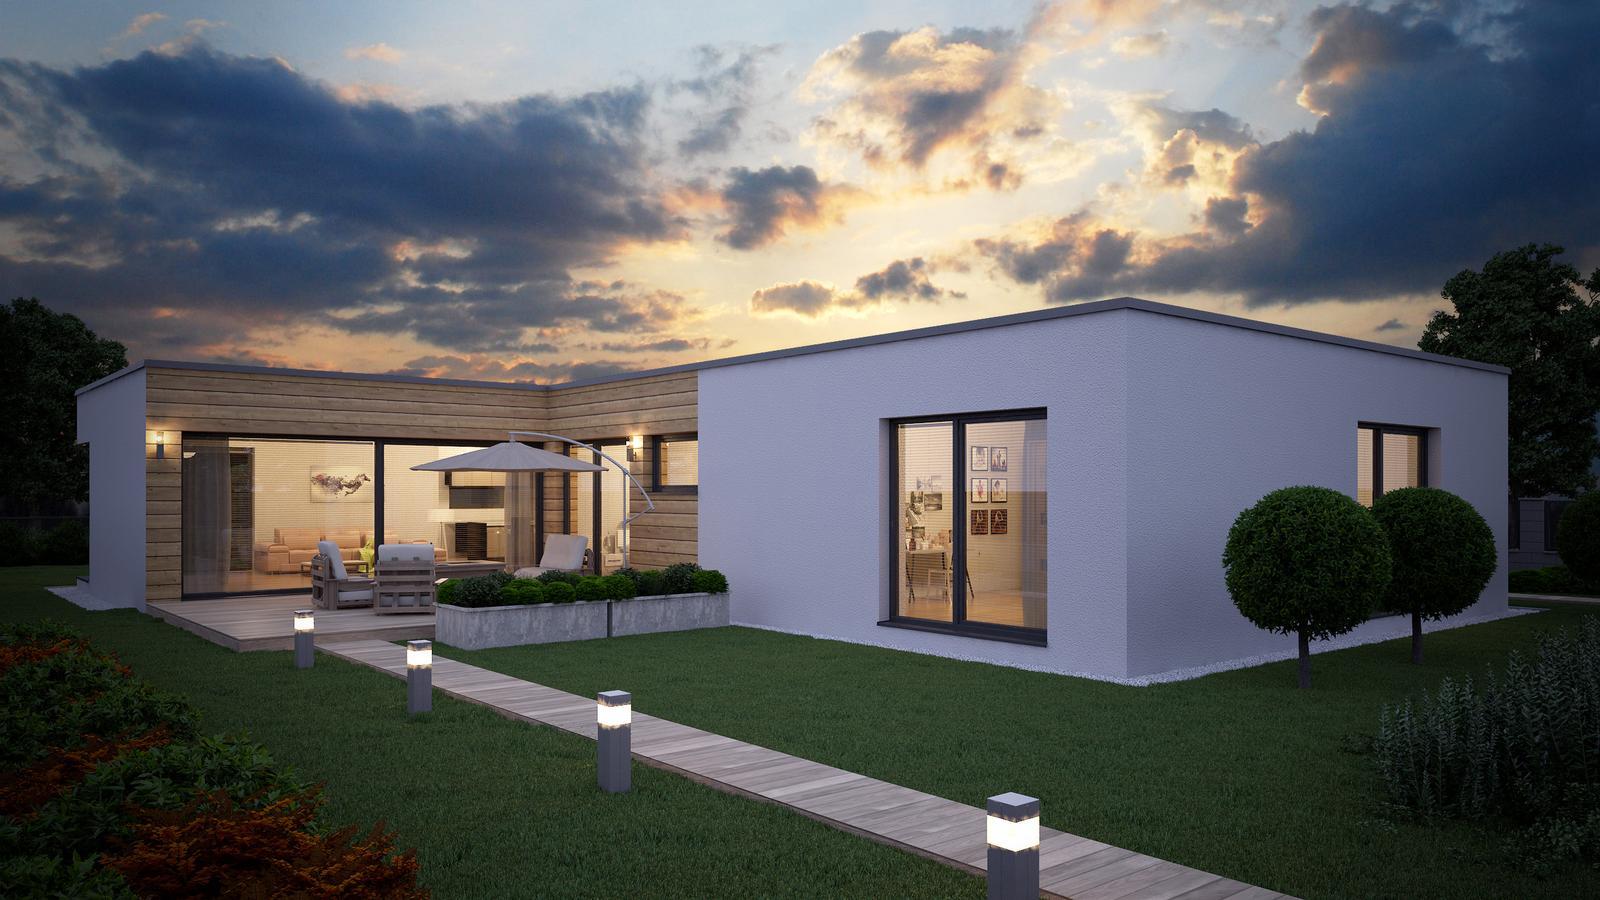 Ďalšie ukážky návrhov domčekov pre Vás - www.rodinny-dom.eu - Obrázok č. 36